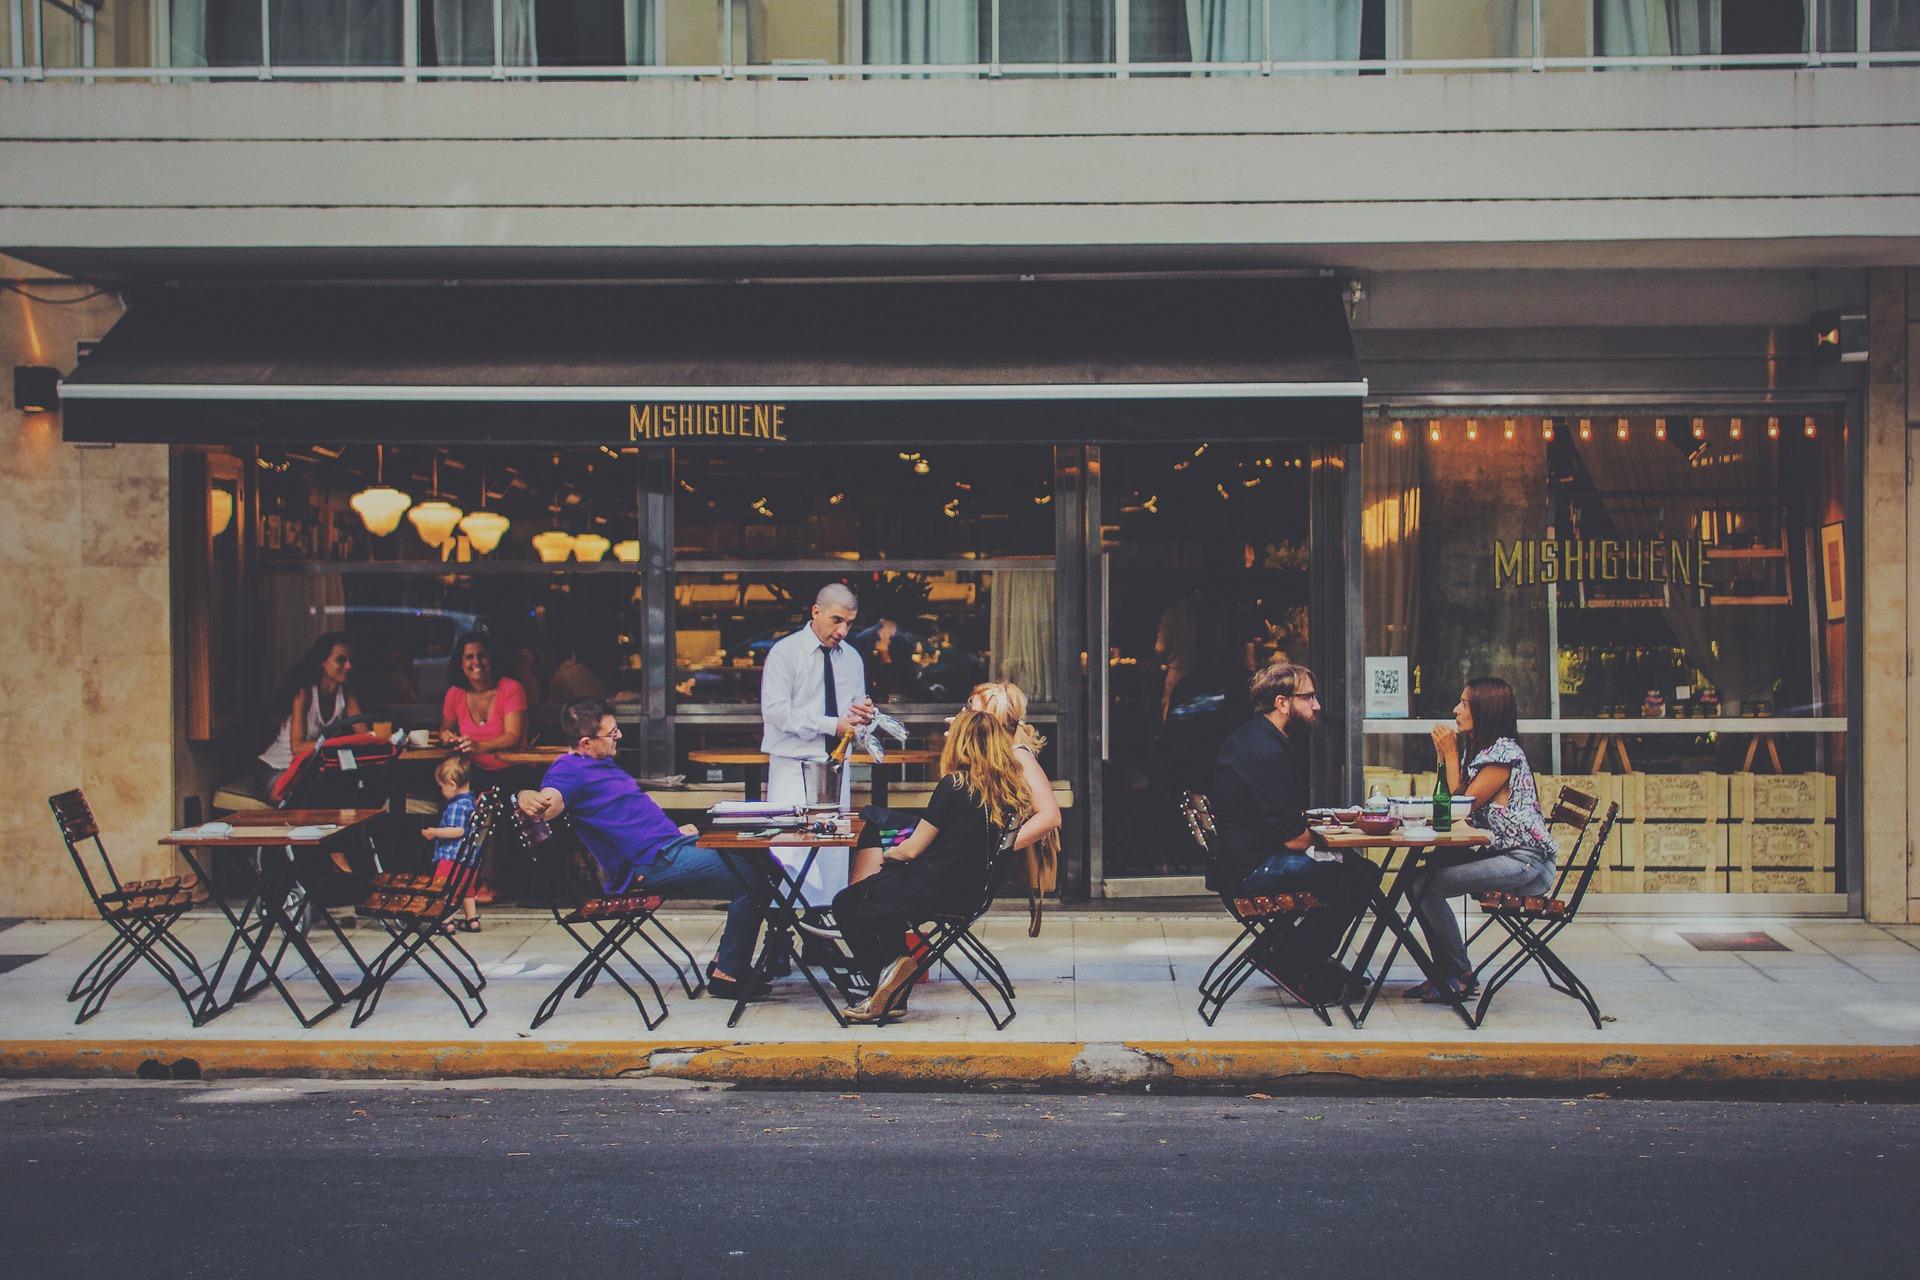 Restaurants_Chicago_window-film